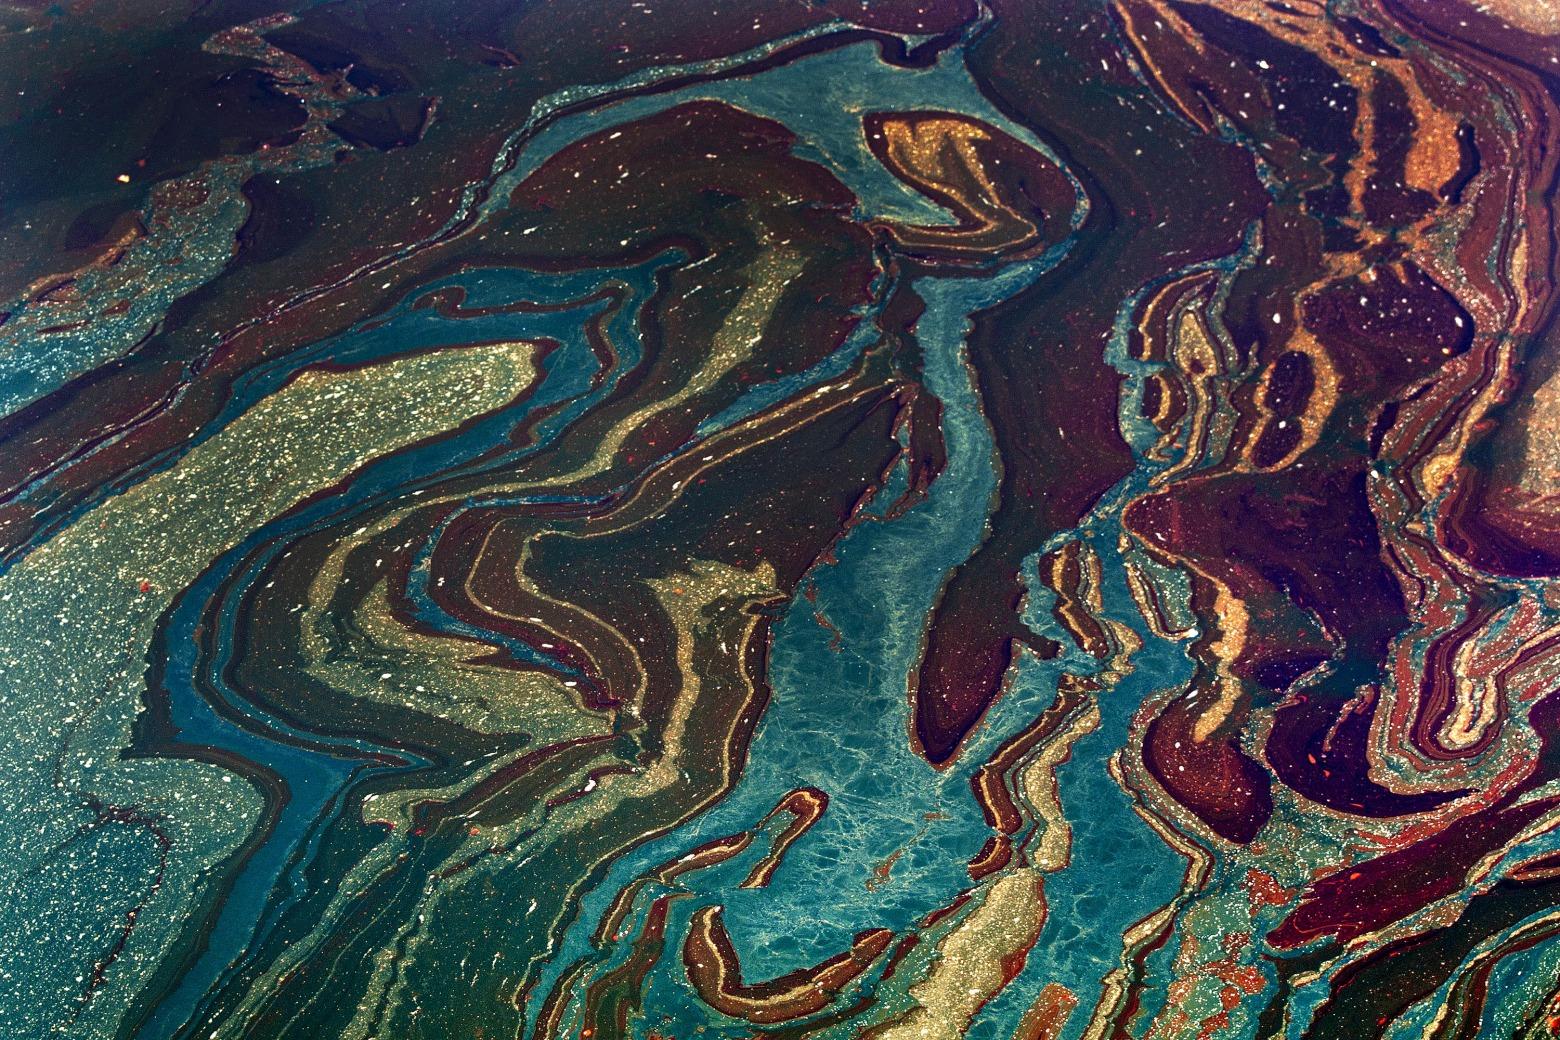 Oleo Sponge Could Make Oil Spill Cleanup More Efficient